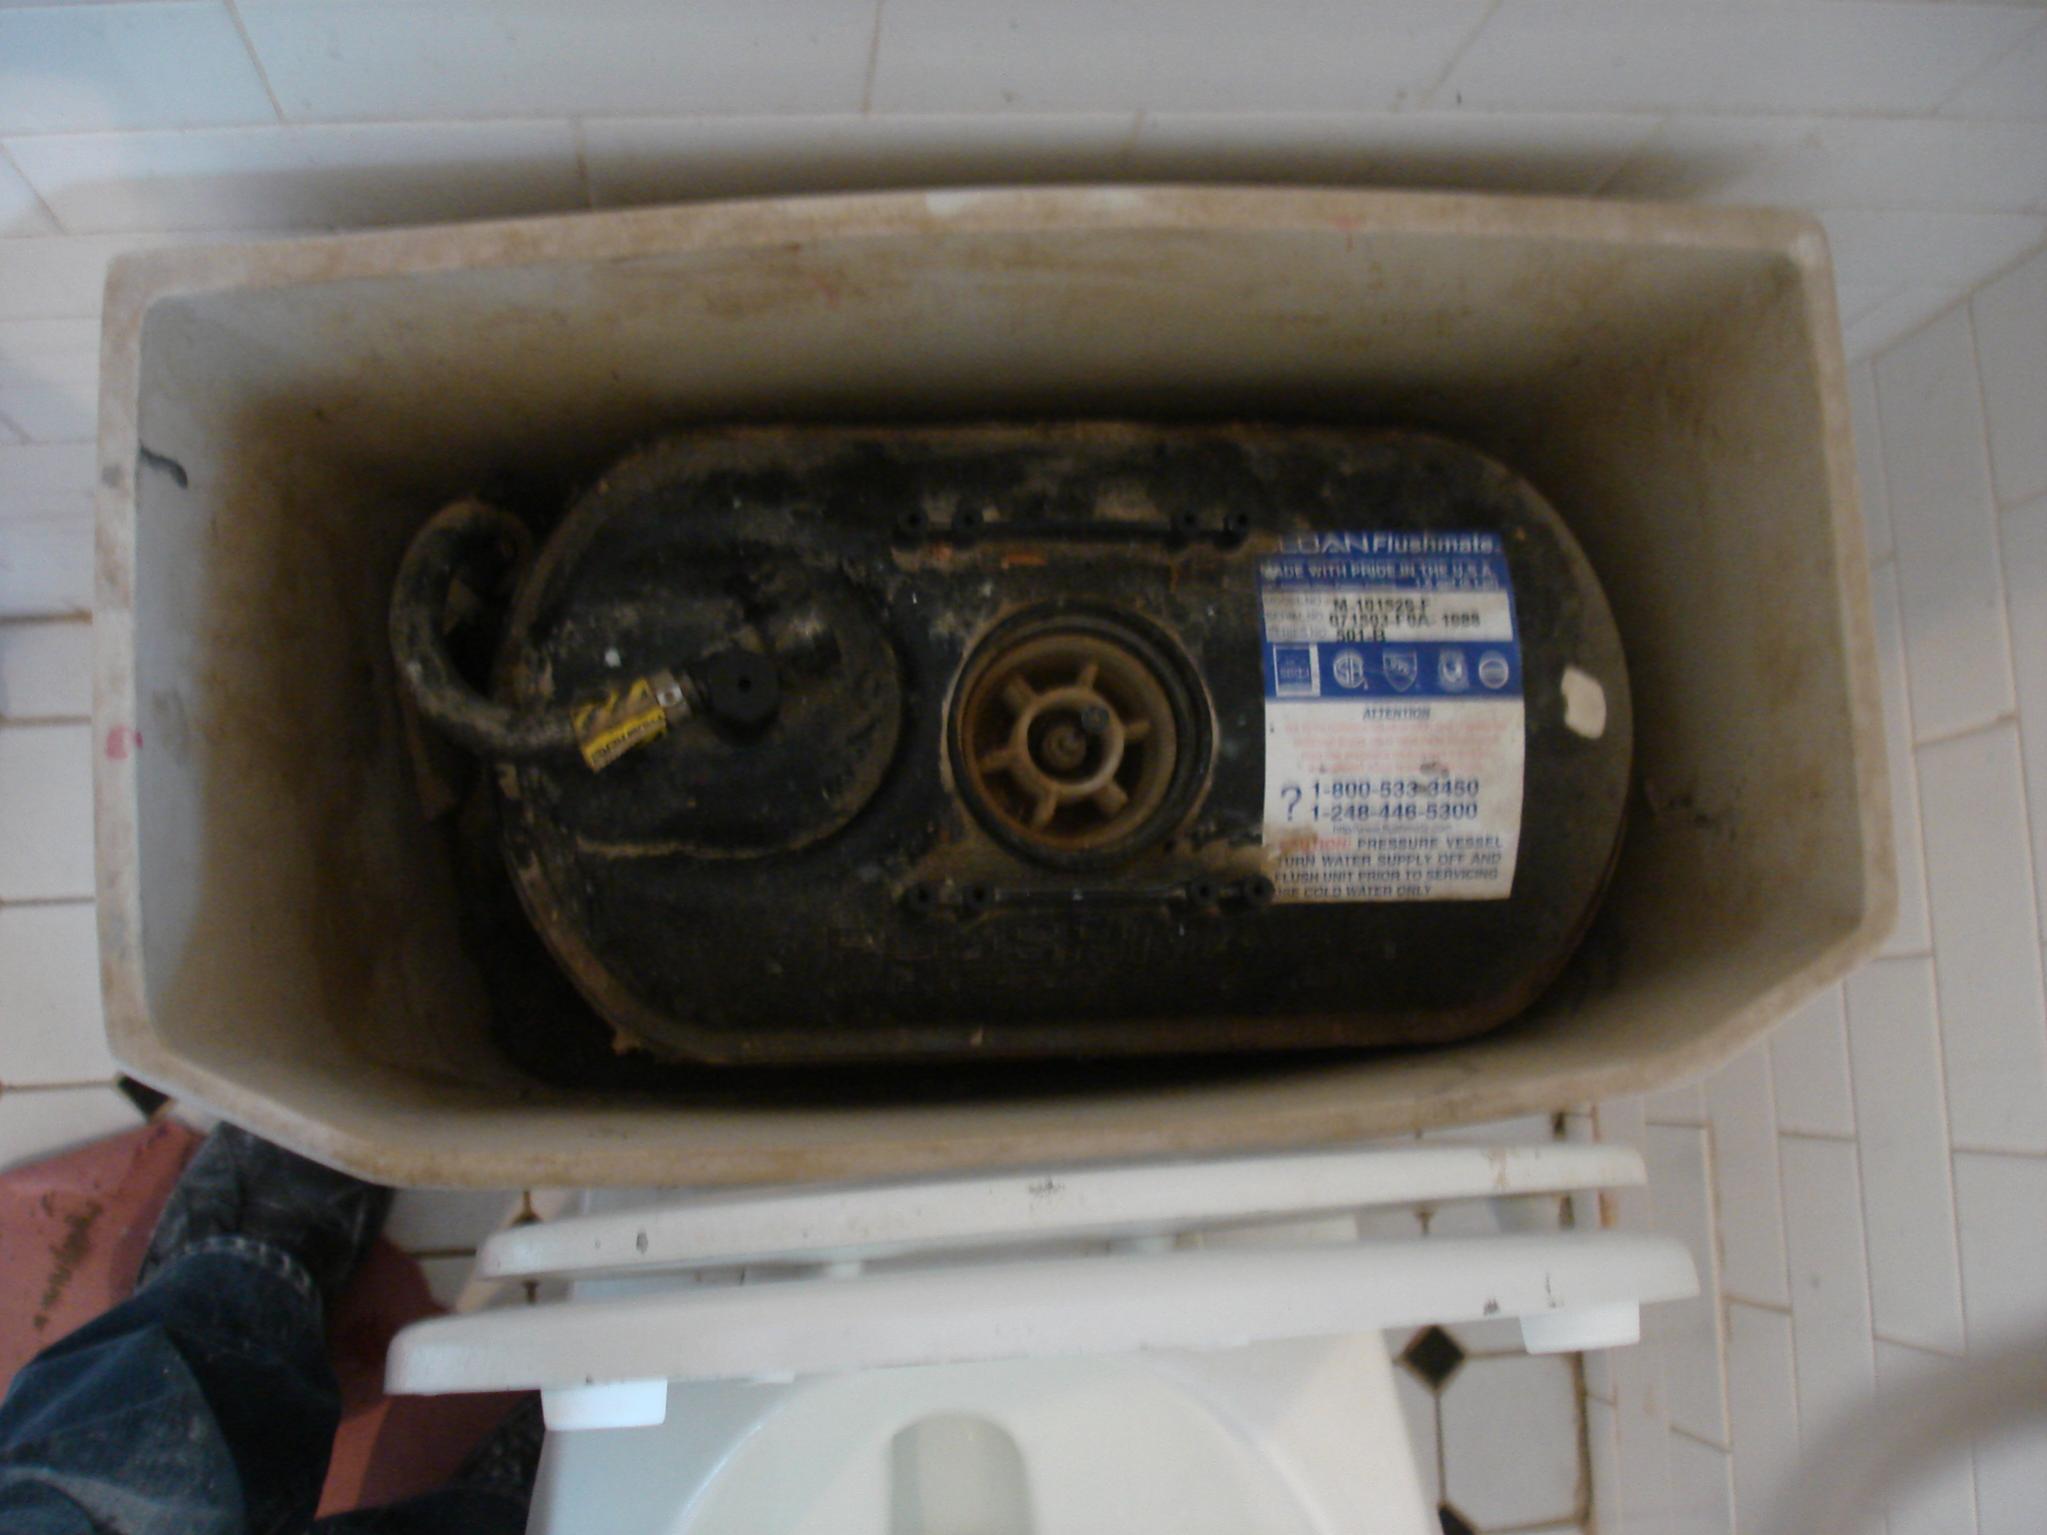 strange stuff in HO's homes-sviestuvai-036.jpg